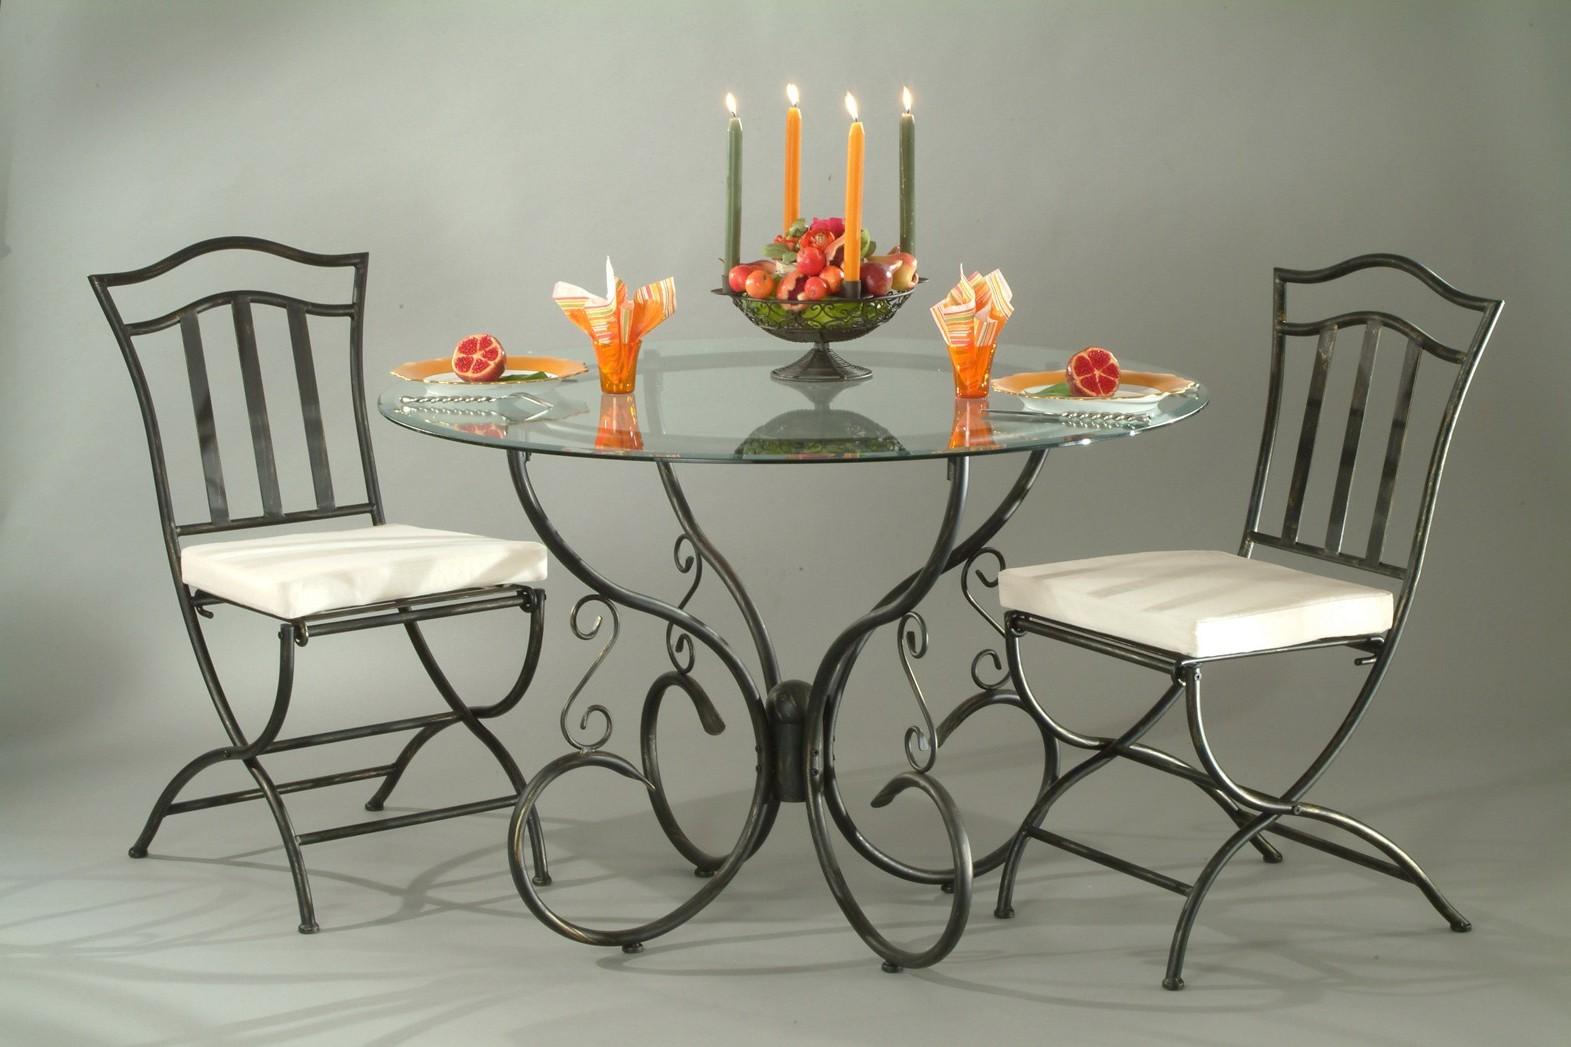 Table Et Chaise De Salle A Manger En Fer Forgé Chaise Idées de Décoration de Maison DZn5JxPLXz